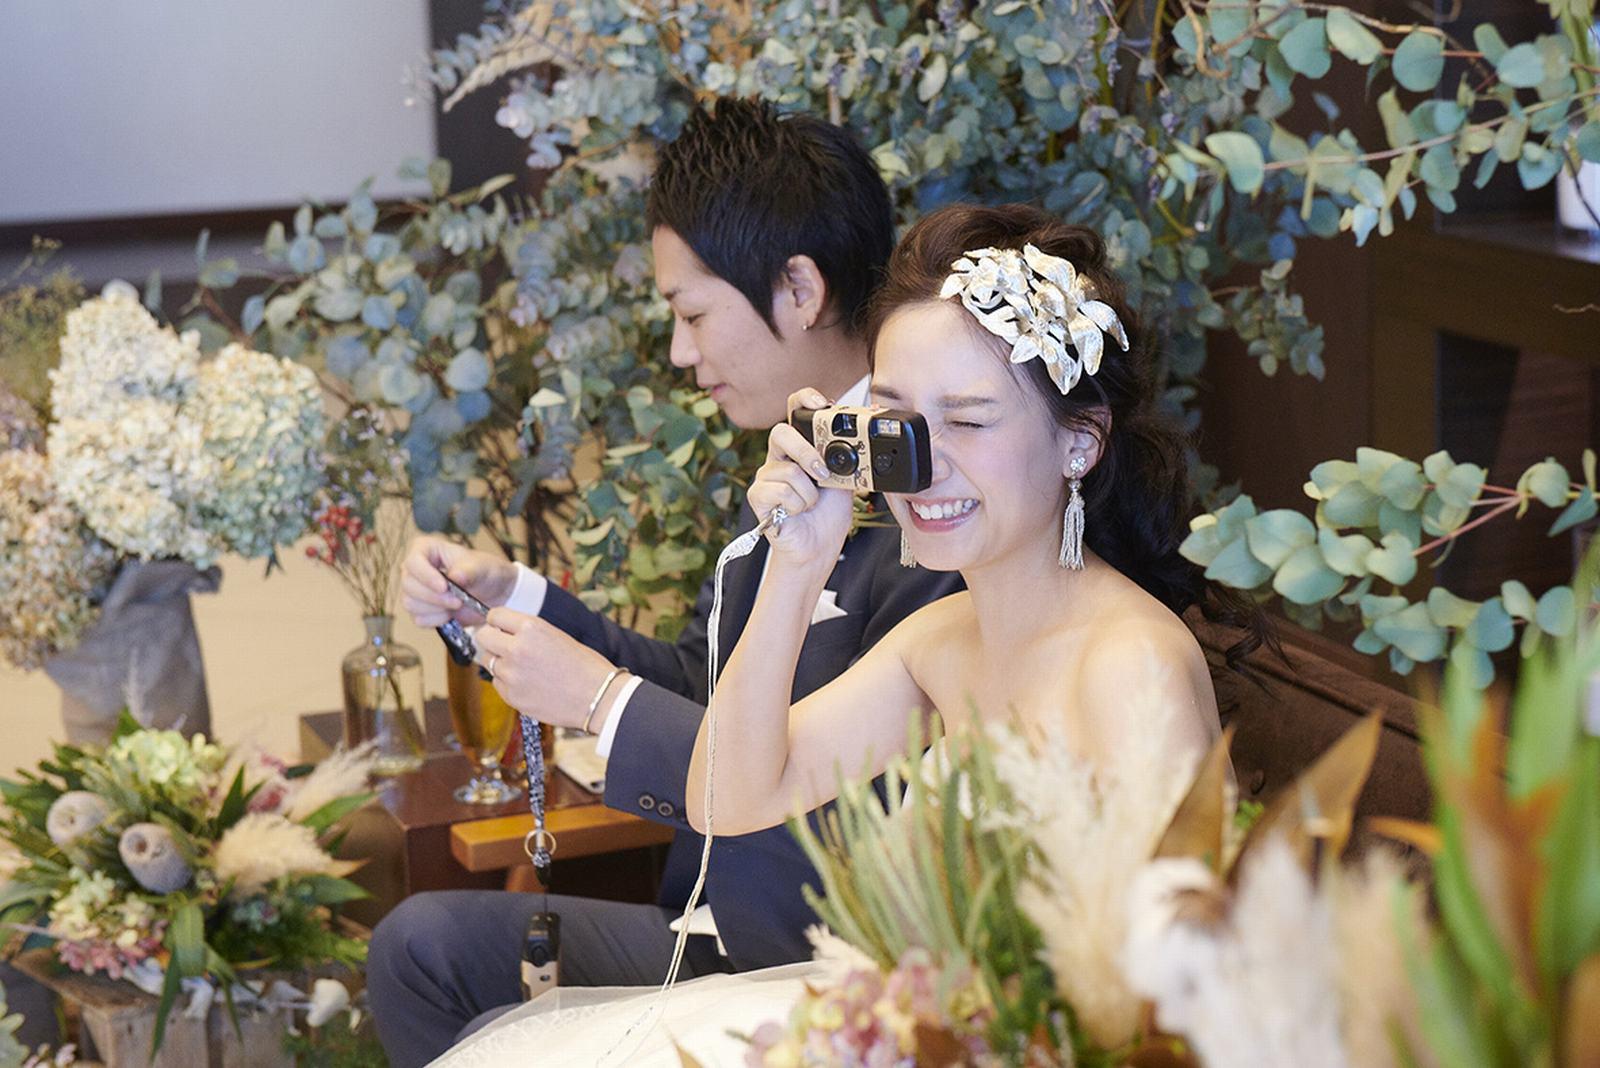 徳島県の結婚式場ブランアンジュで笑顔でゲストを撮る新婦